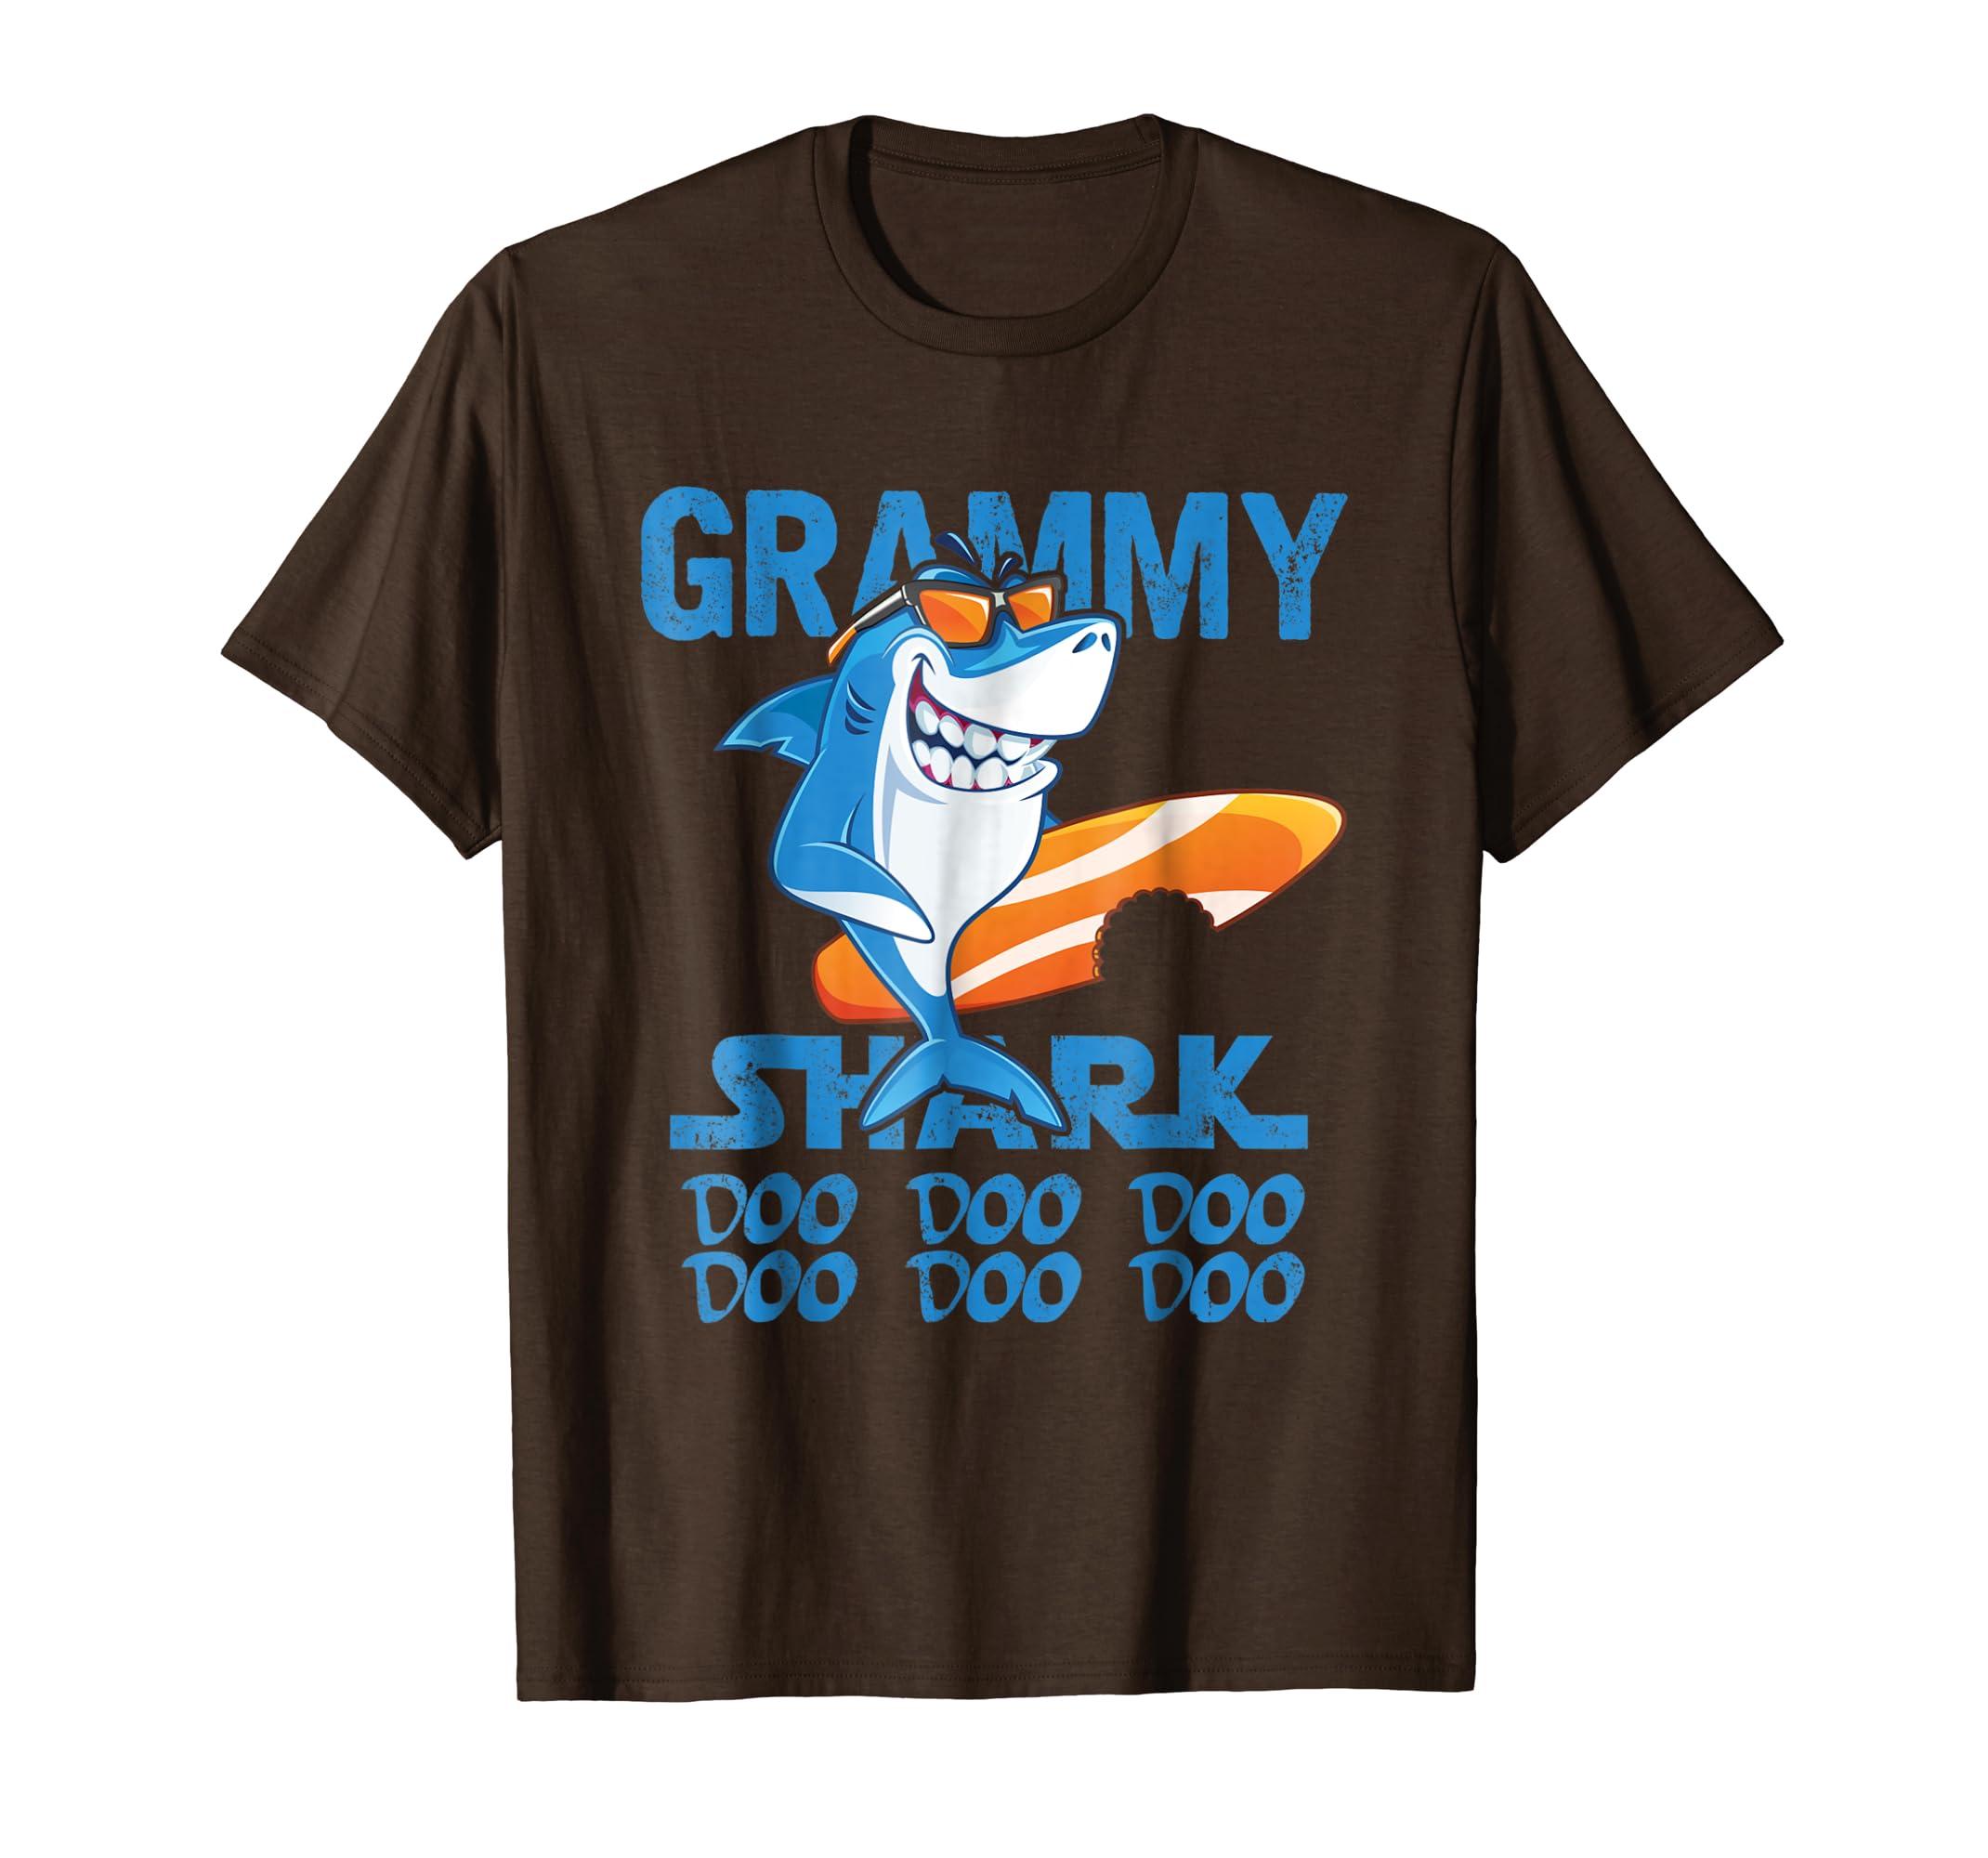 Grammy Shark Shirt Doo Doo Doo   Shark Sunglasses T shirt-Teesml